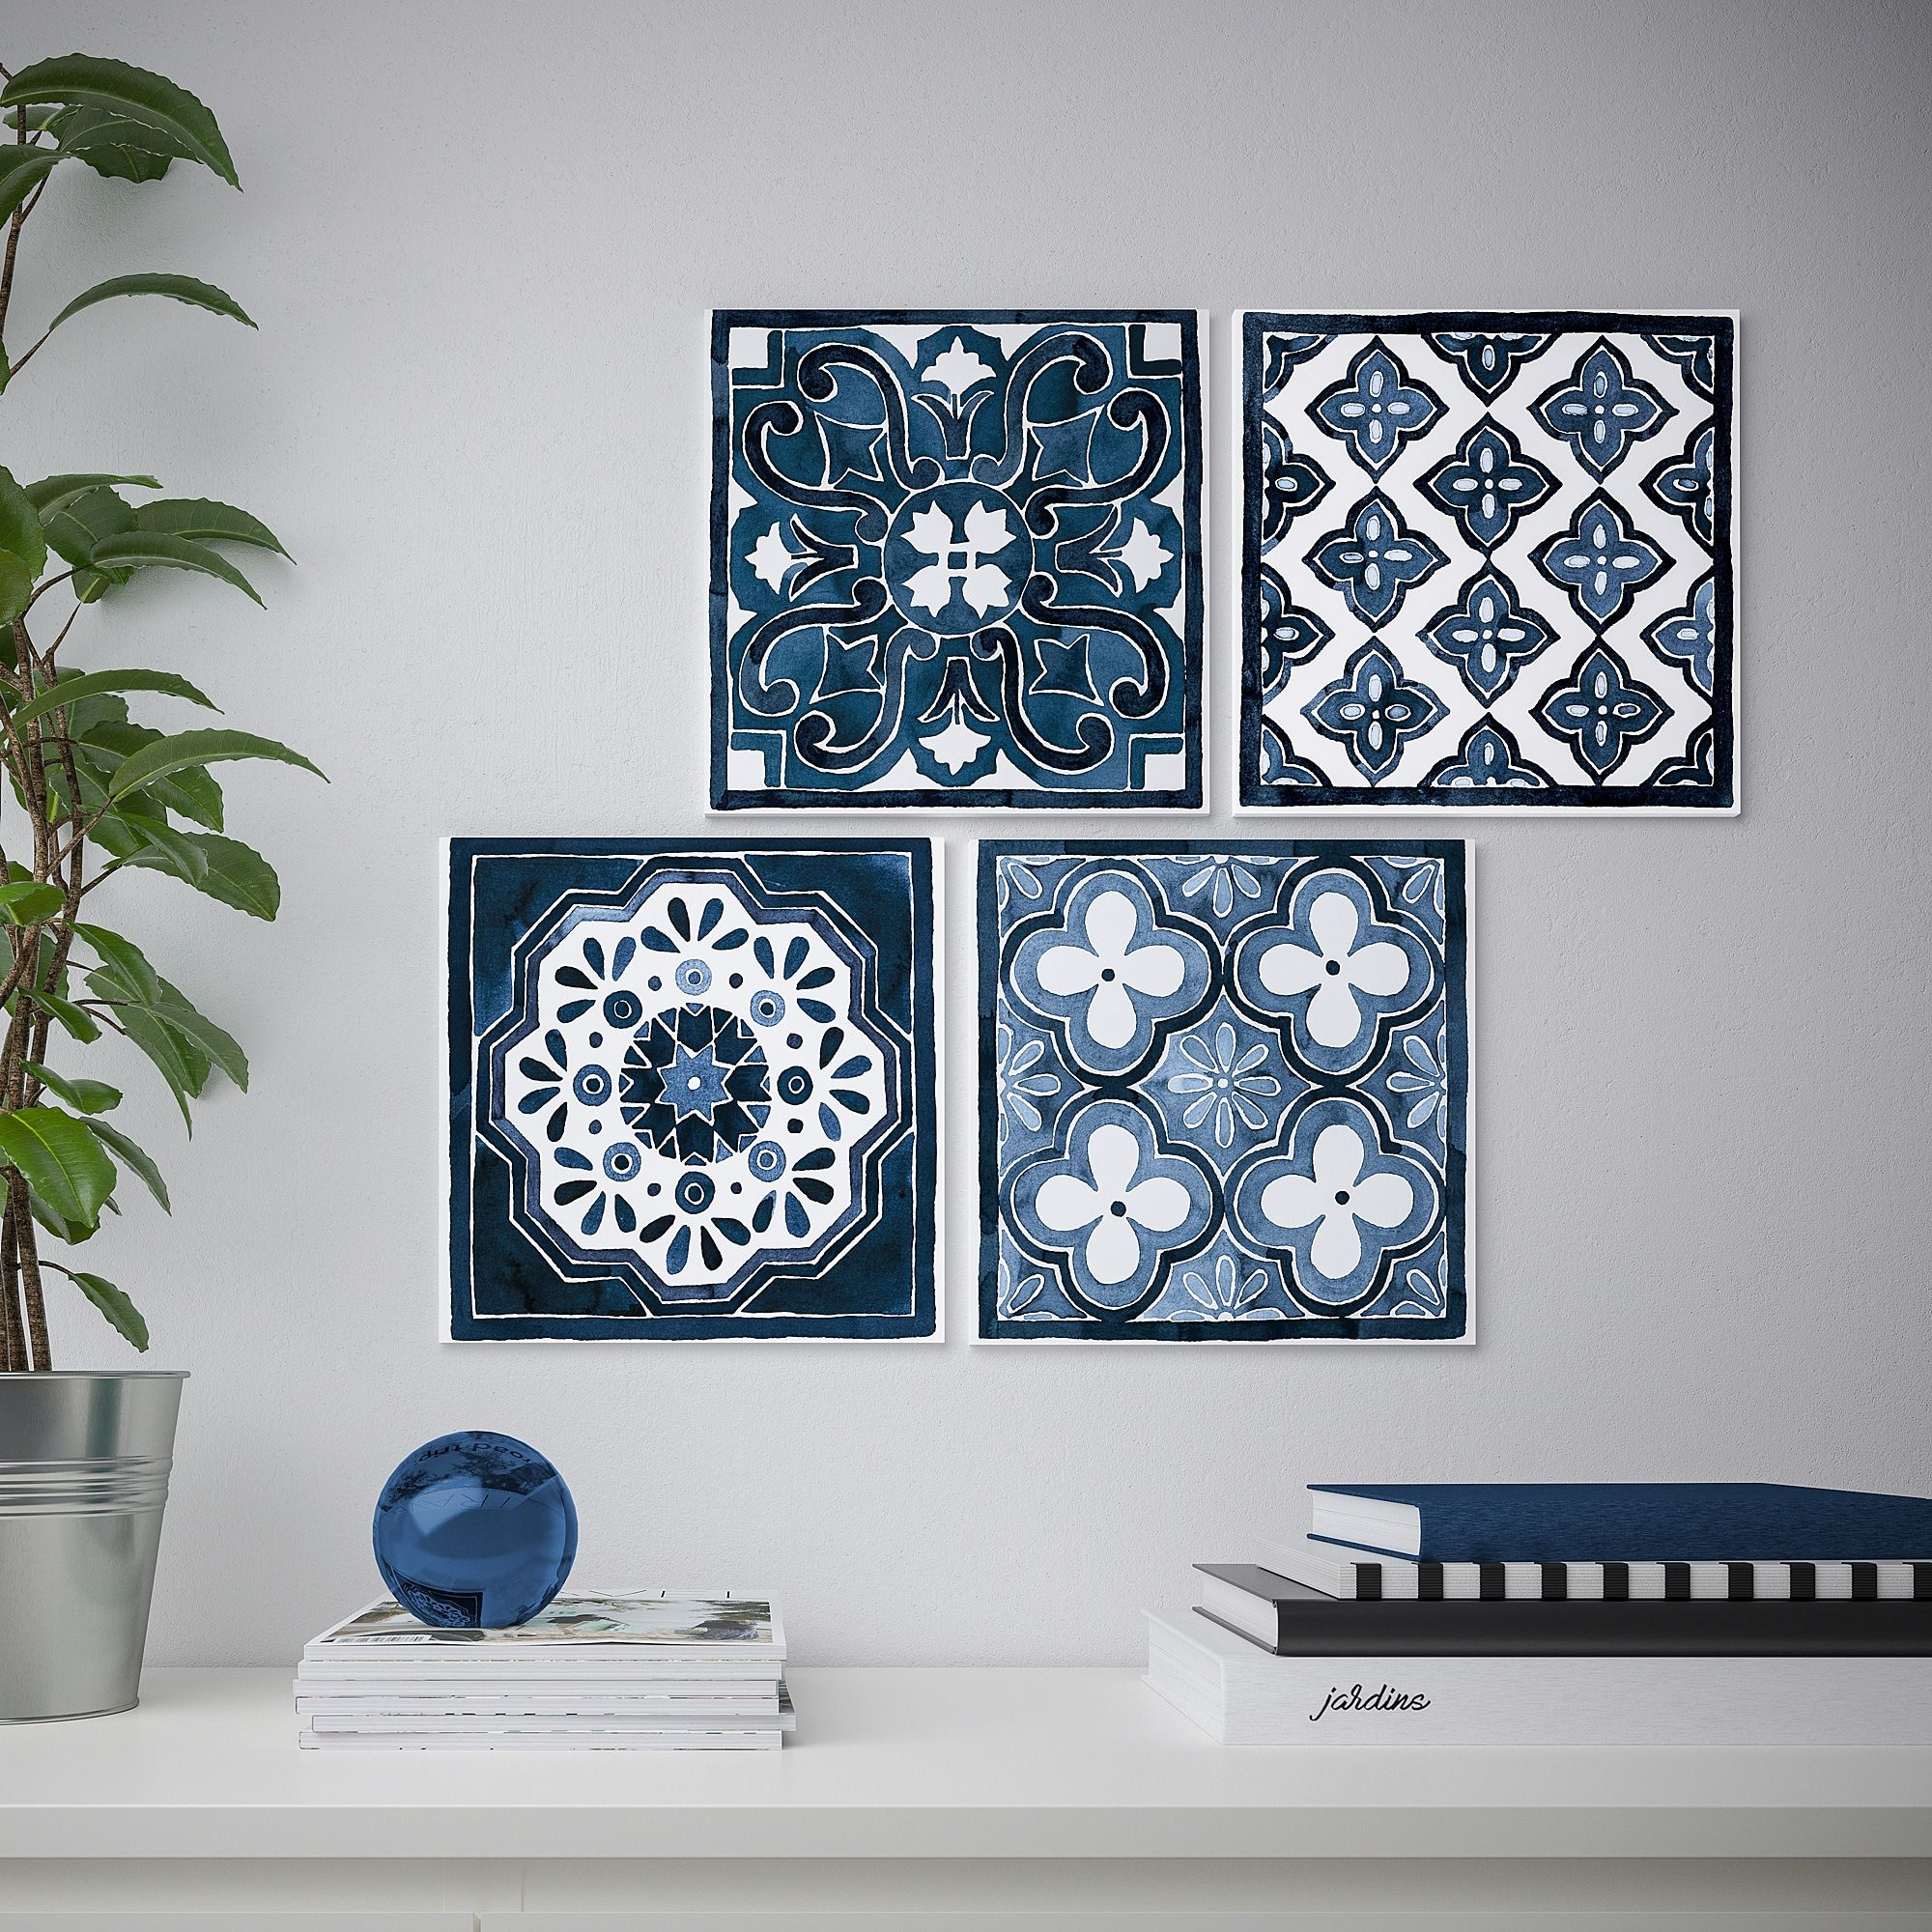 Stencil Per Pareti Ikea.Ikea Pjatteryd Blue Patterns Picture In 2019 Beach House